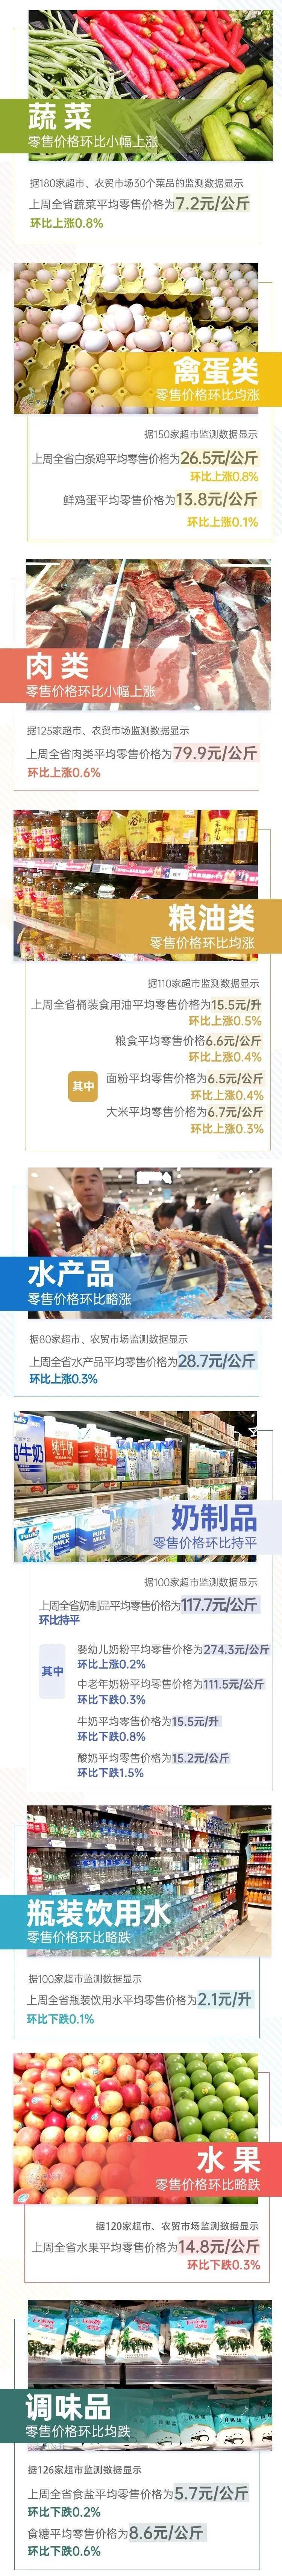 【民生】7涨1平4跌!上周云南省生活必需品零售价格情况来了→